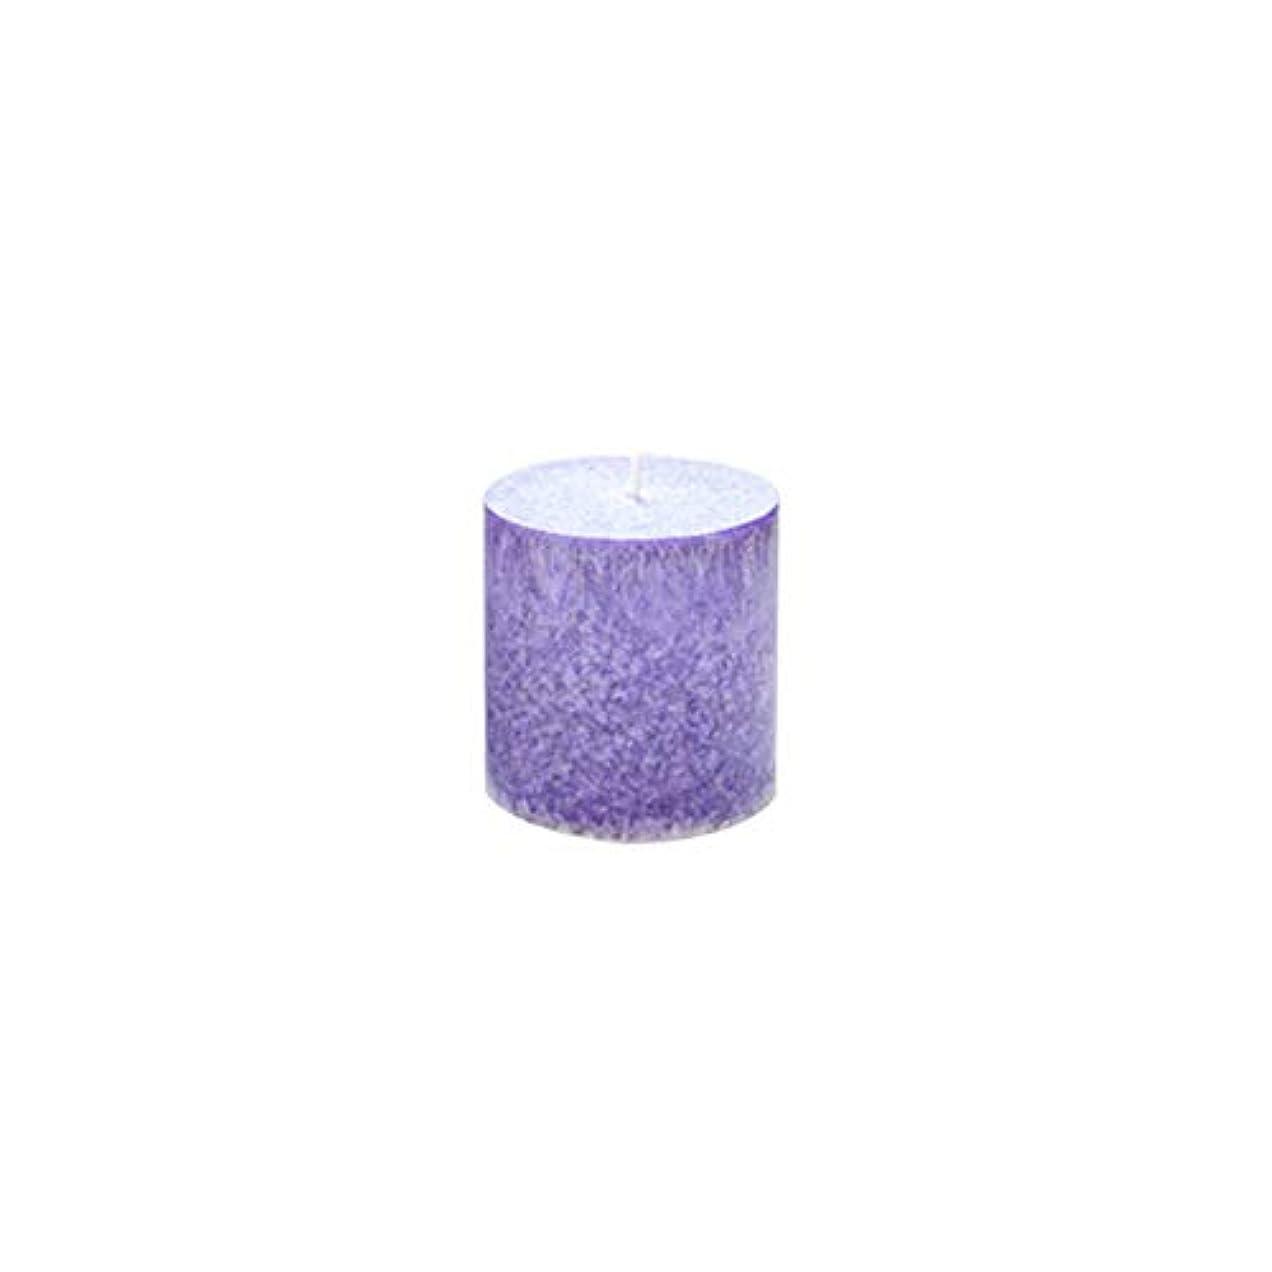 正直横事Rakuby 香料入り 蝋燭 ロマンチック 紫色 ラベンダー アロマ療法 柱 蝋燭 祝祭 結婚祝い 無煙蝋燭